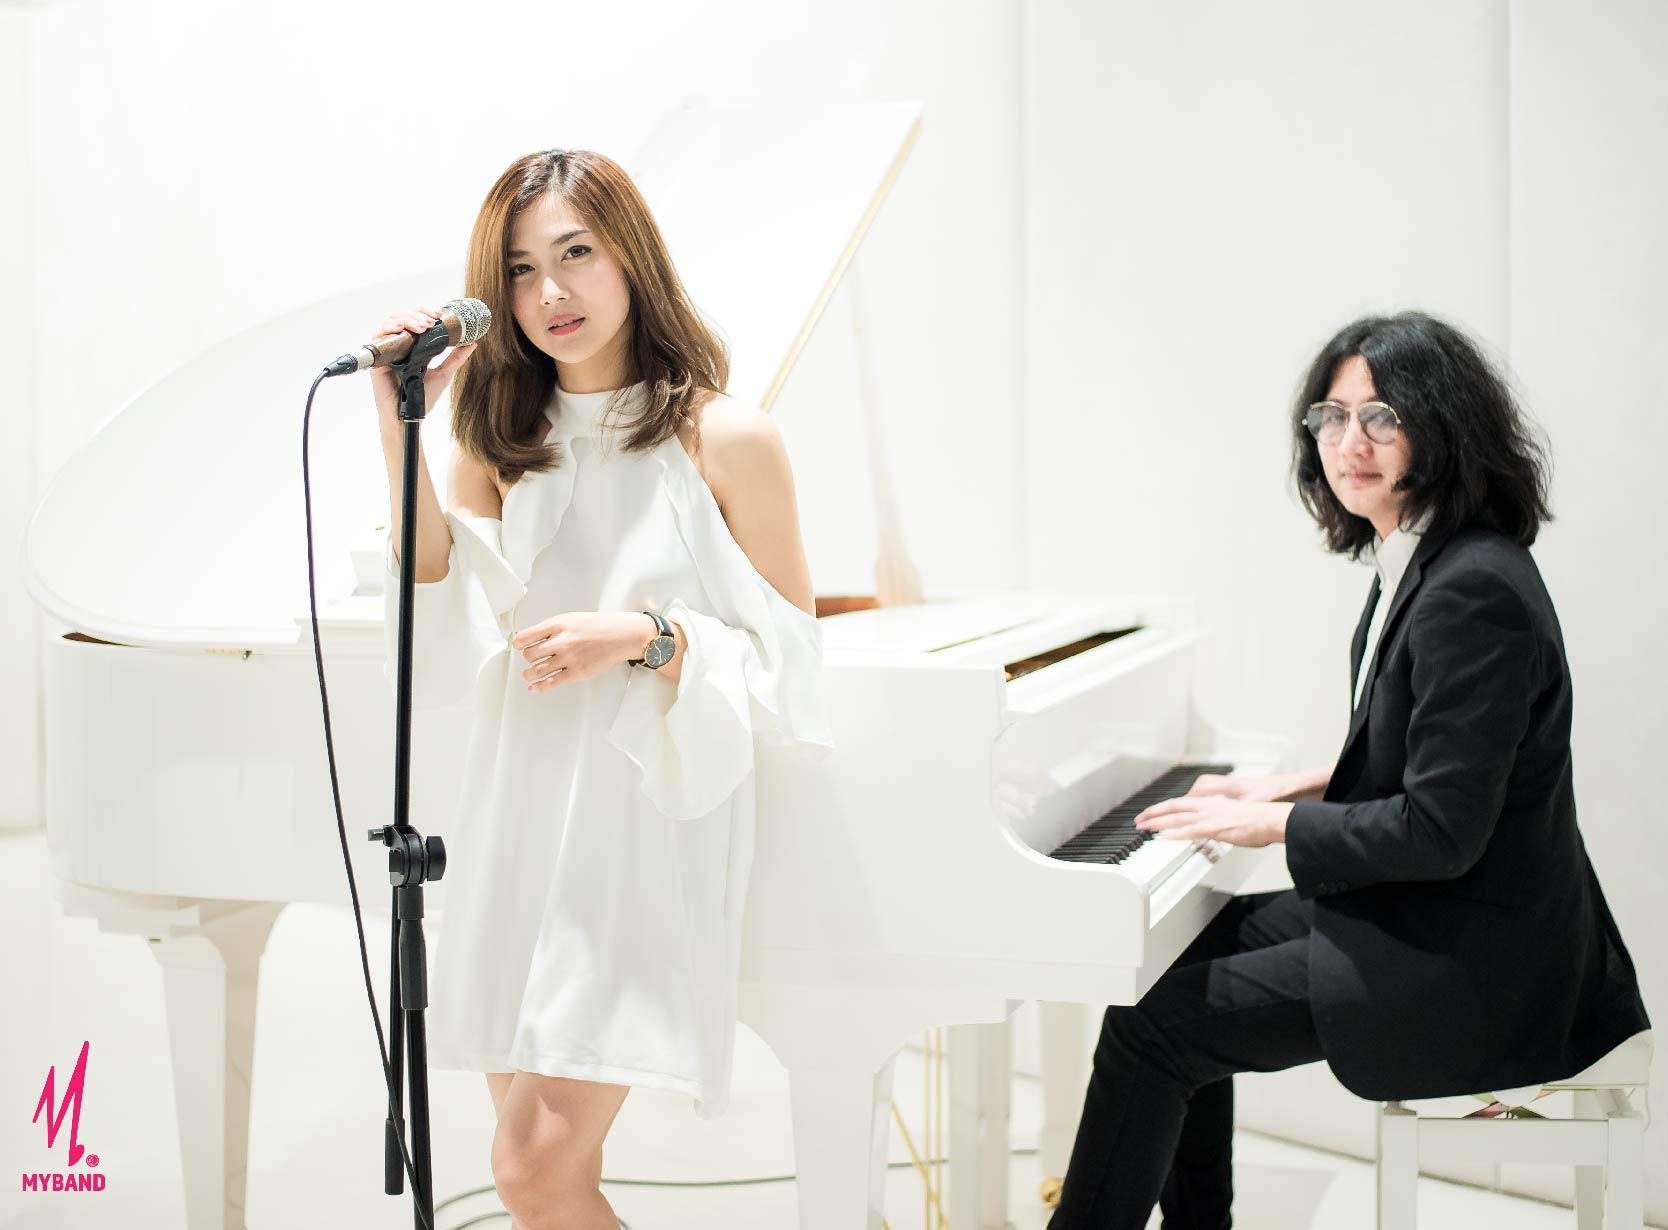 วงดนตรีงานเเต่ง - รวมเพลงรัก 5 เพลงพิเศษ